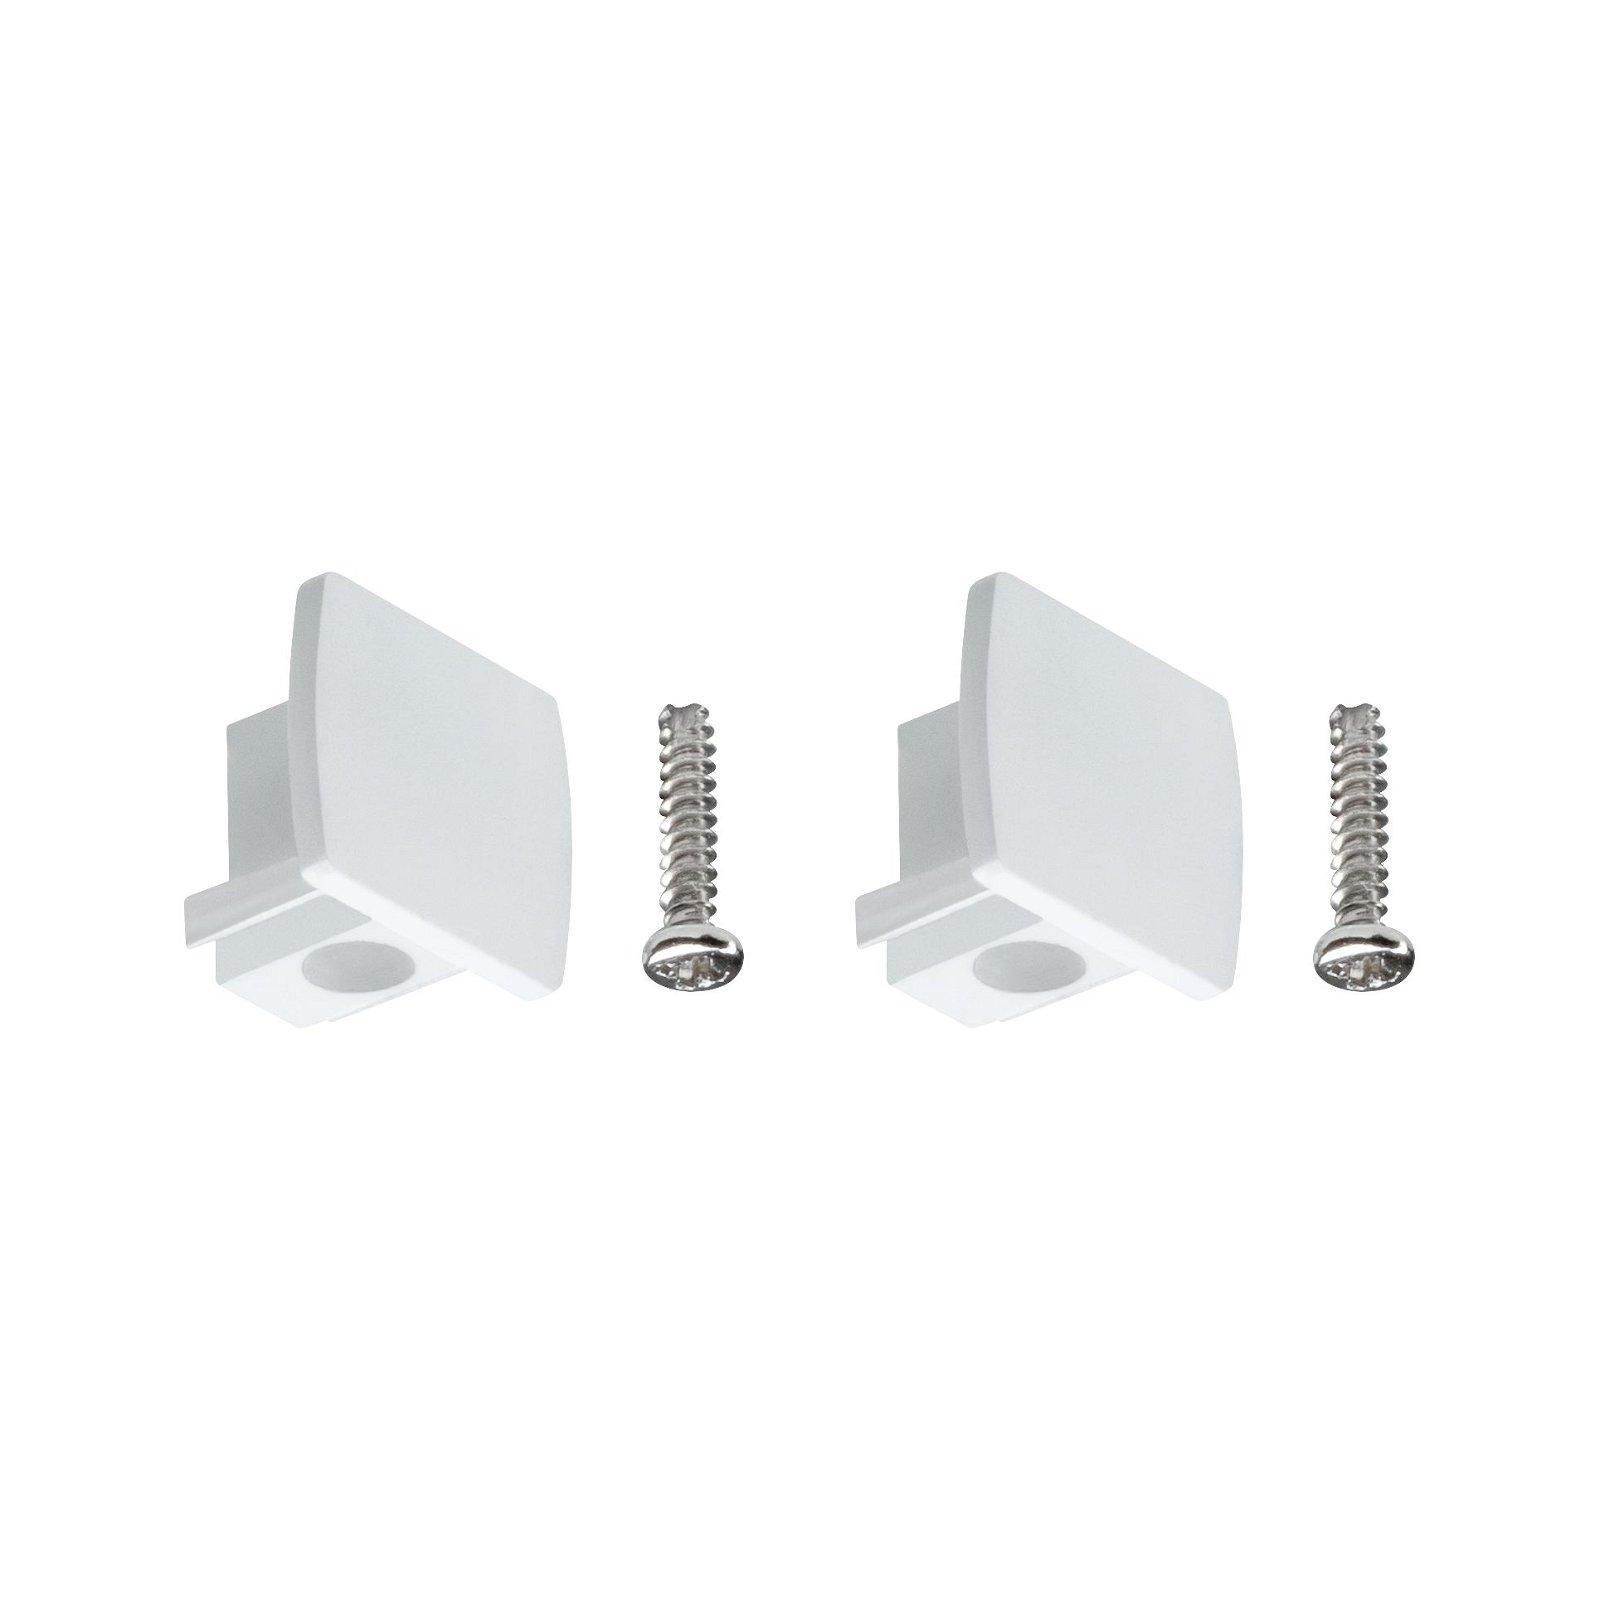 URail Verbindingen Set van 2 Eindkappen pak van 2 13x21mm Wit